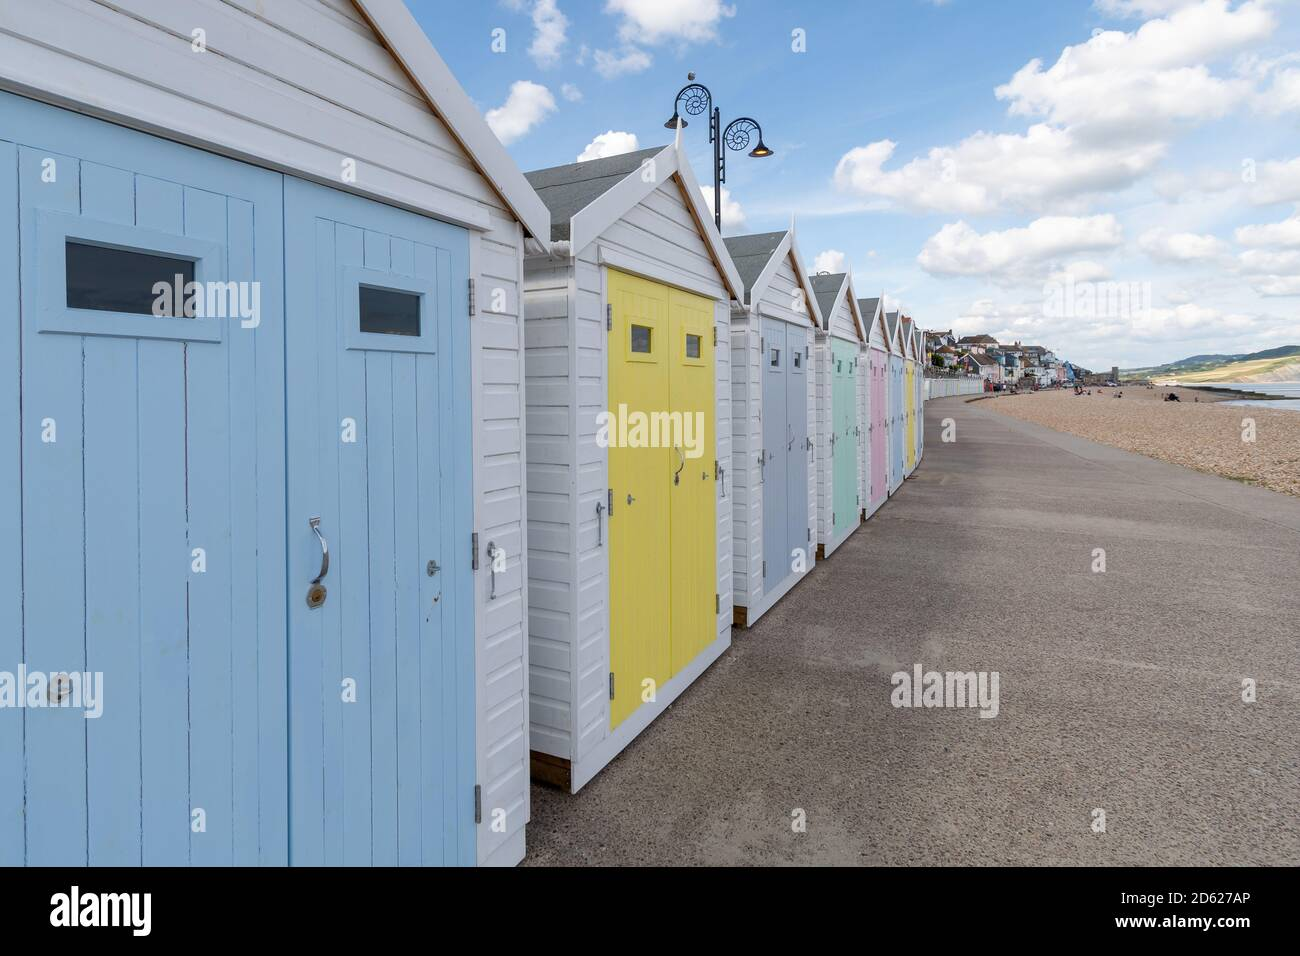 Capanne da spiaggia in fila in spiaggia con più porte colorate Foto Stock